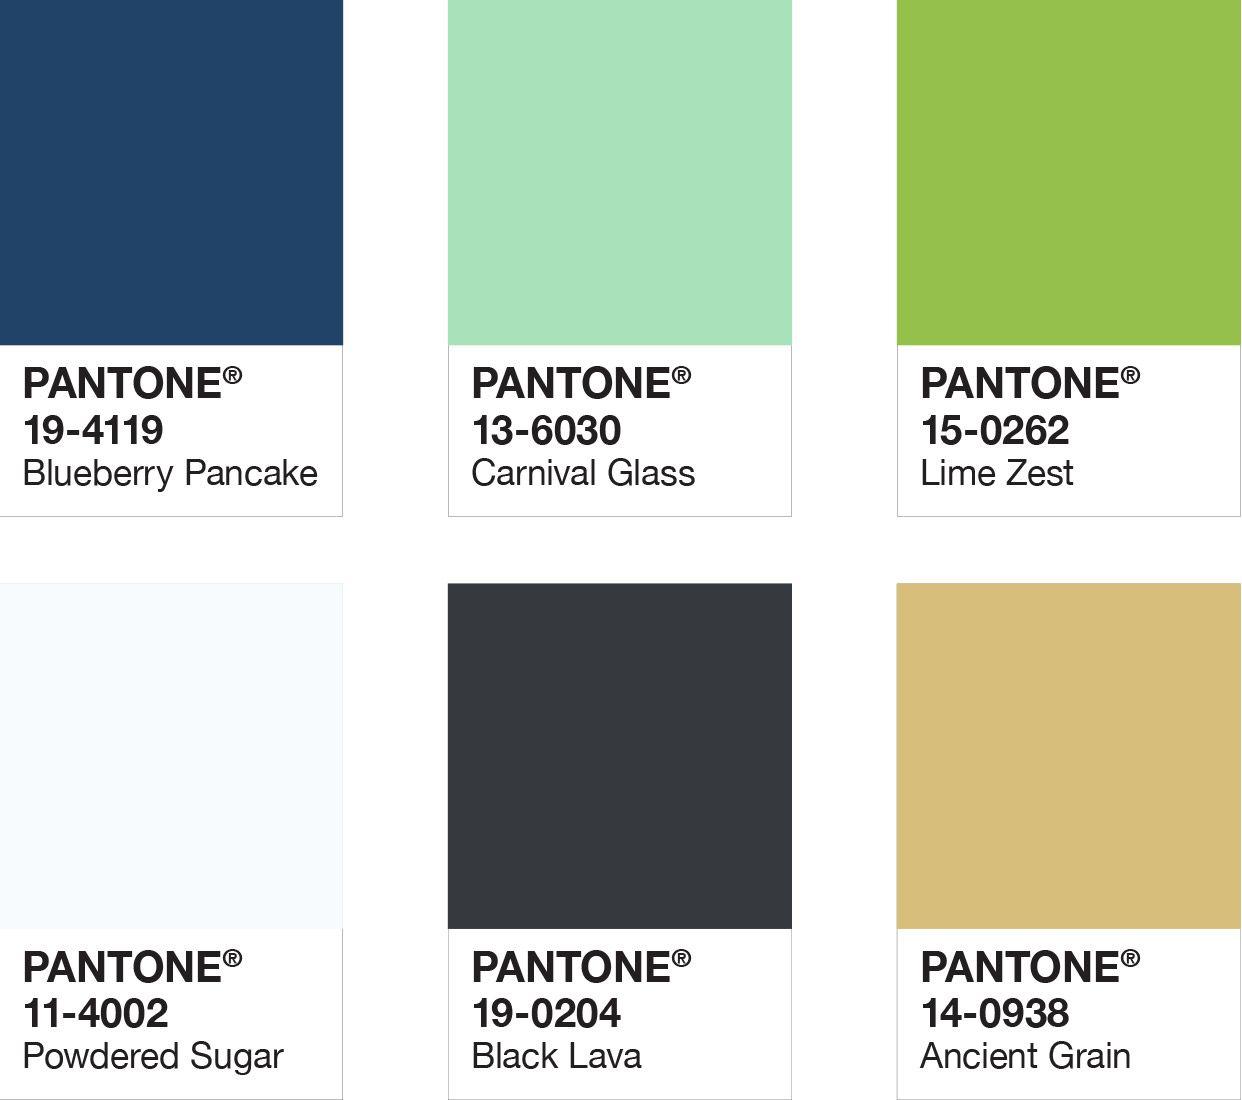 2019 spring trends embracing nature color palette schemes colour palettes pantone lamp 507c